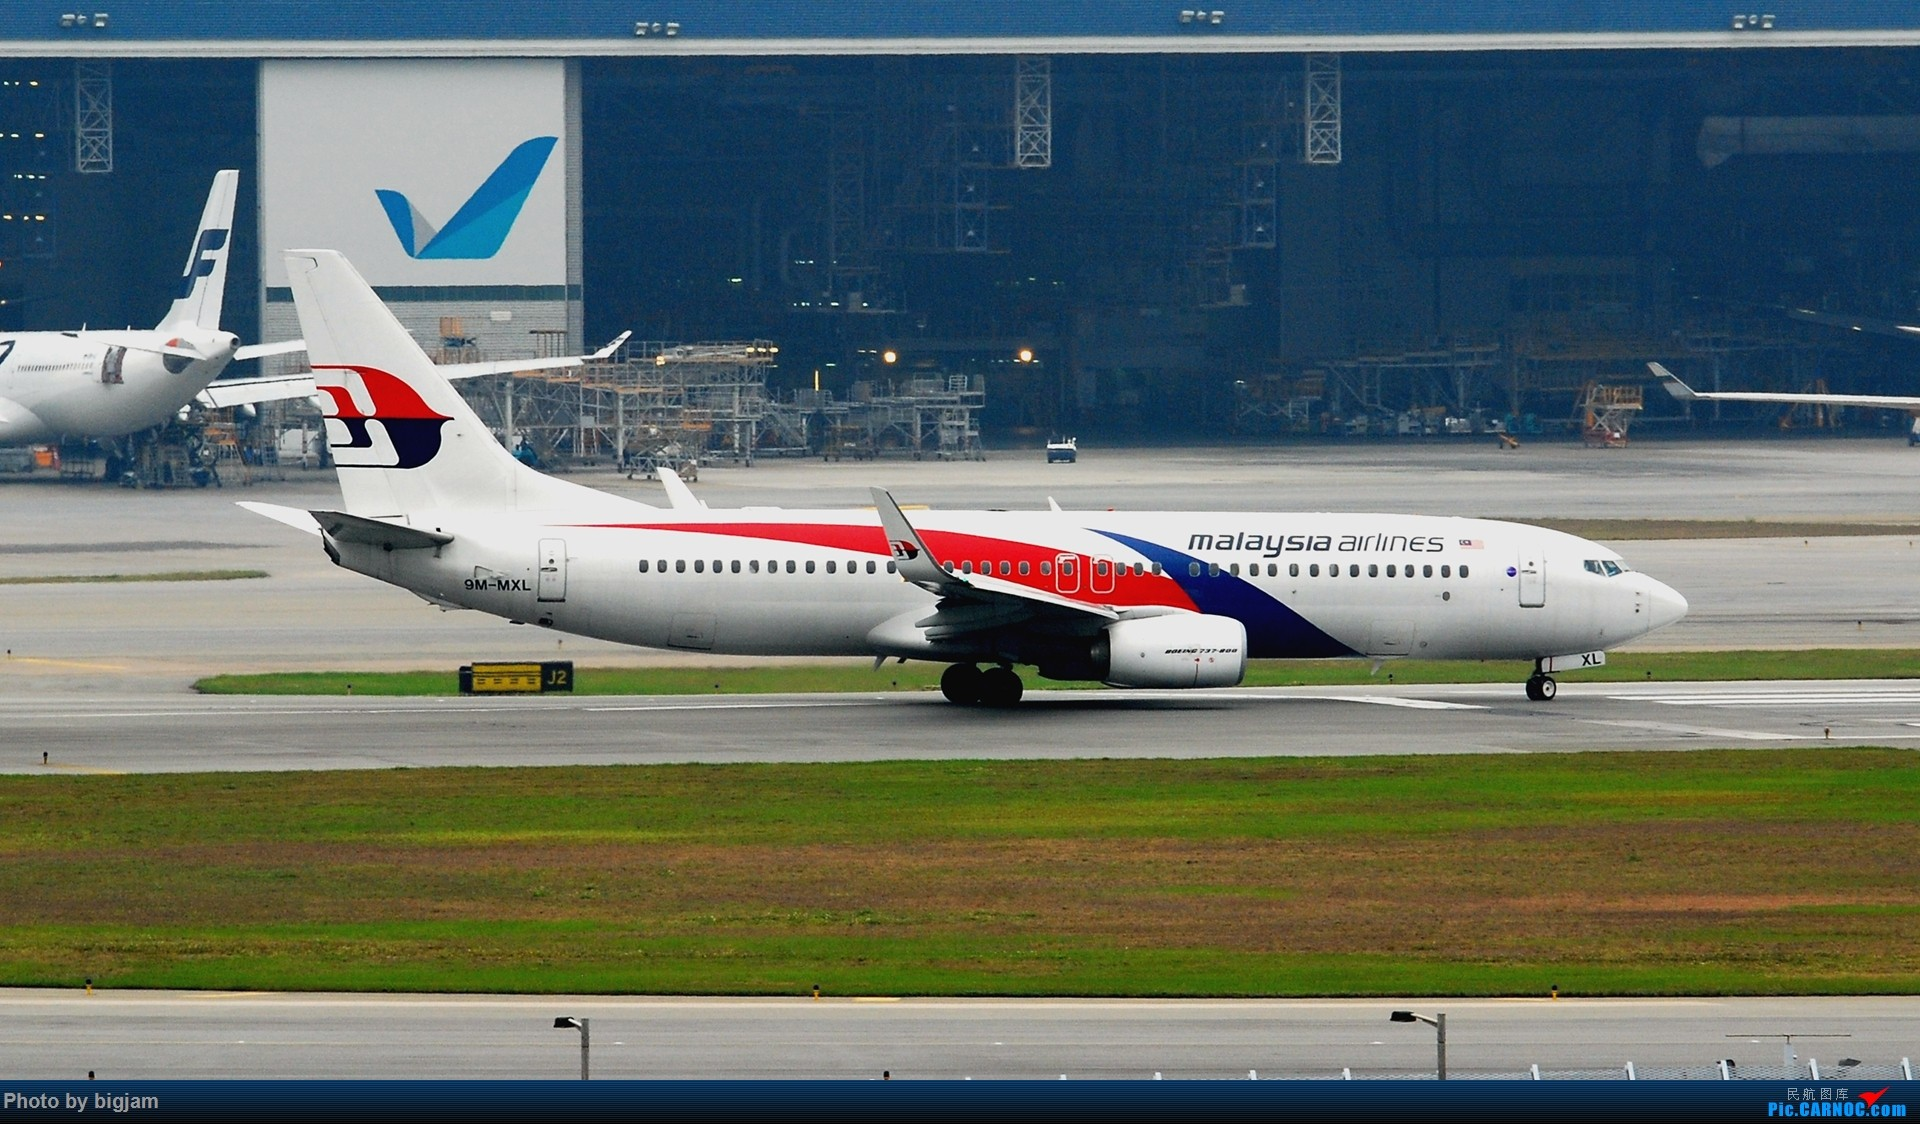 Re:刚升级到B737级 那就发点拍过的B737吧 BOEING 737-800 9M-MXL 中国香港赤鱲角国际机场